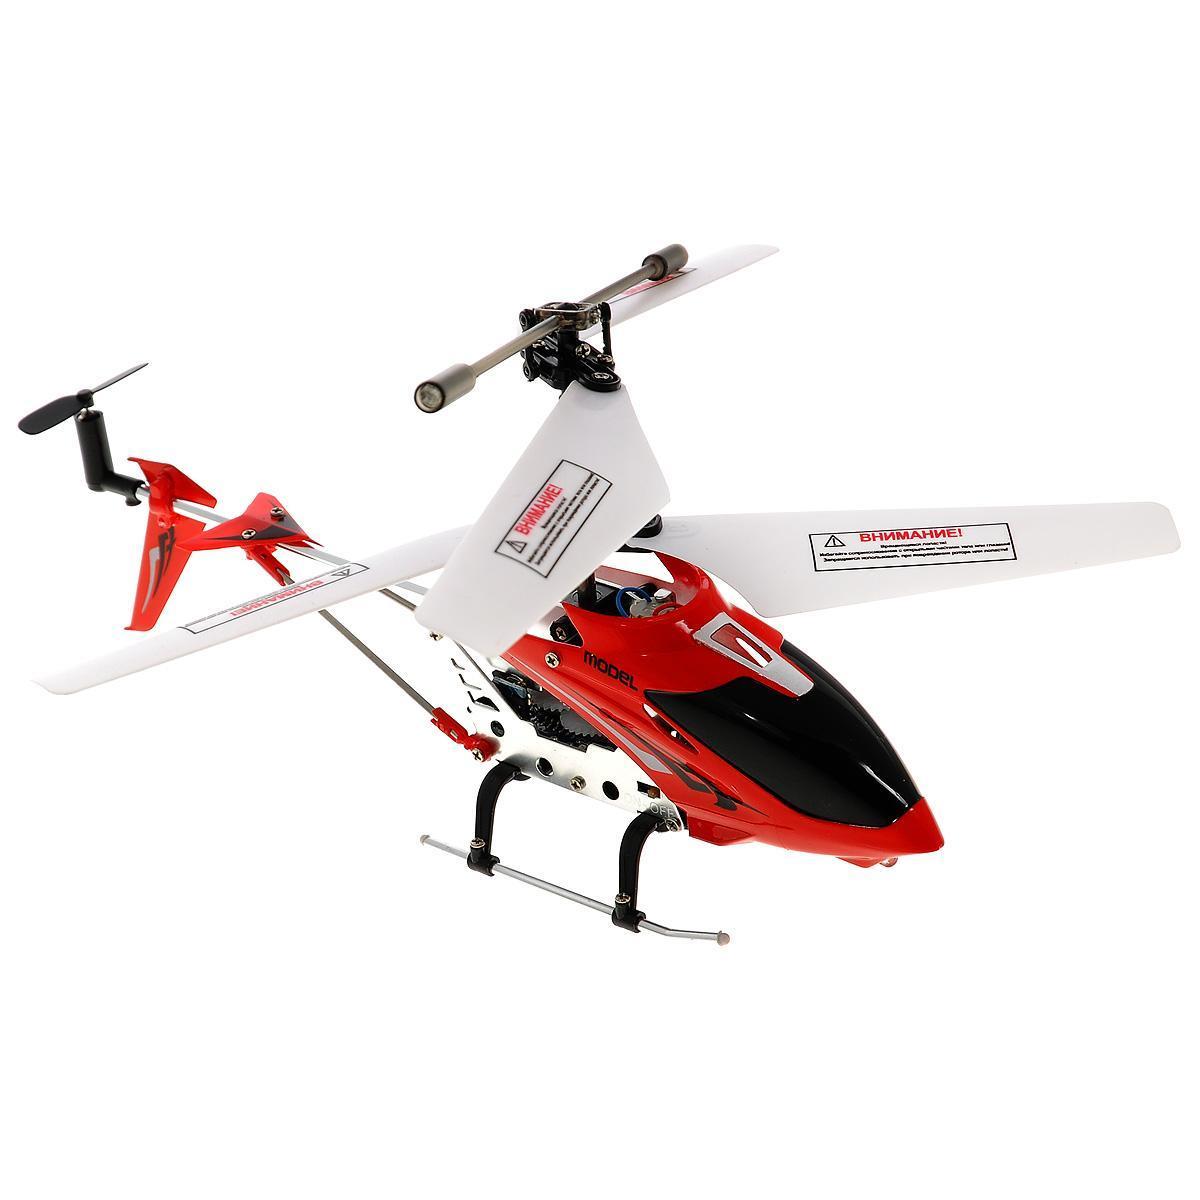 Вертолет на инфракрасном управлении BALBI IRH-022-A, с гироскопом, со световыми эффектами, цвет: красный balbi вертолет на инфракрасном управлении цвет синий a0g1082868